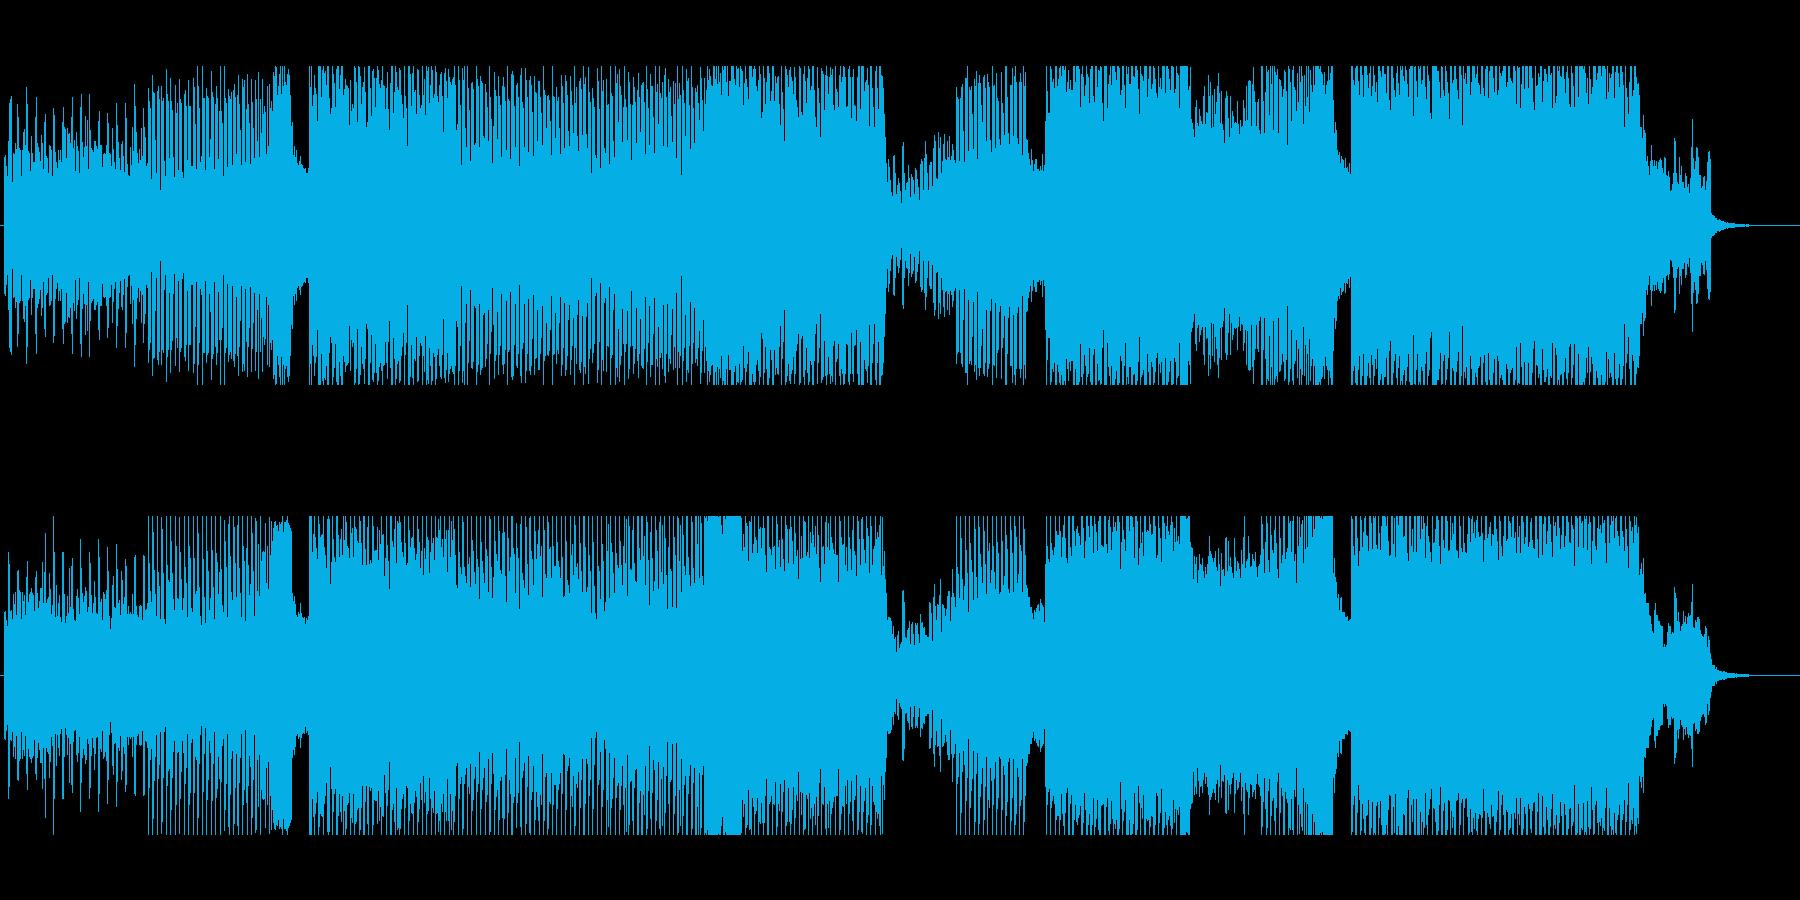 クラブイベントで流れる躍動感のあるEDMの再生済みの波形